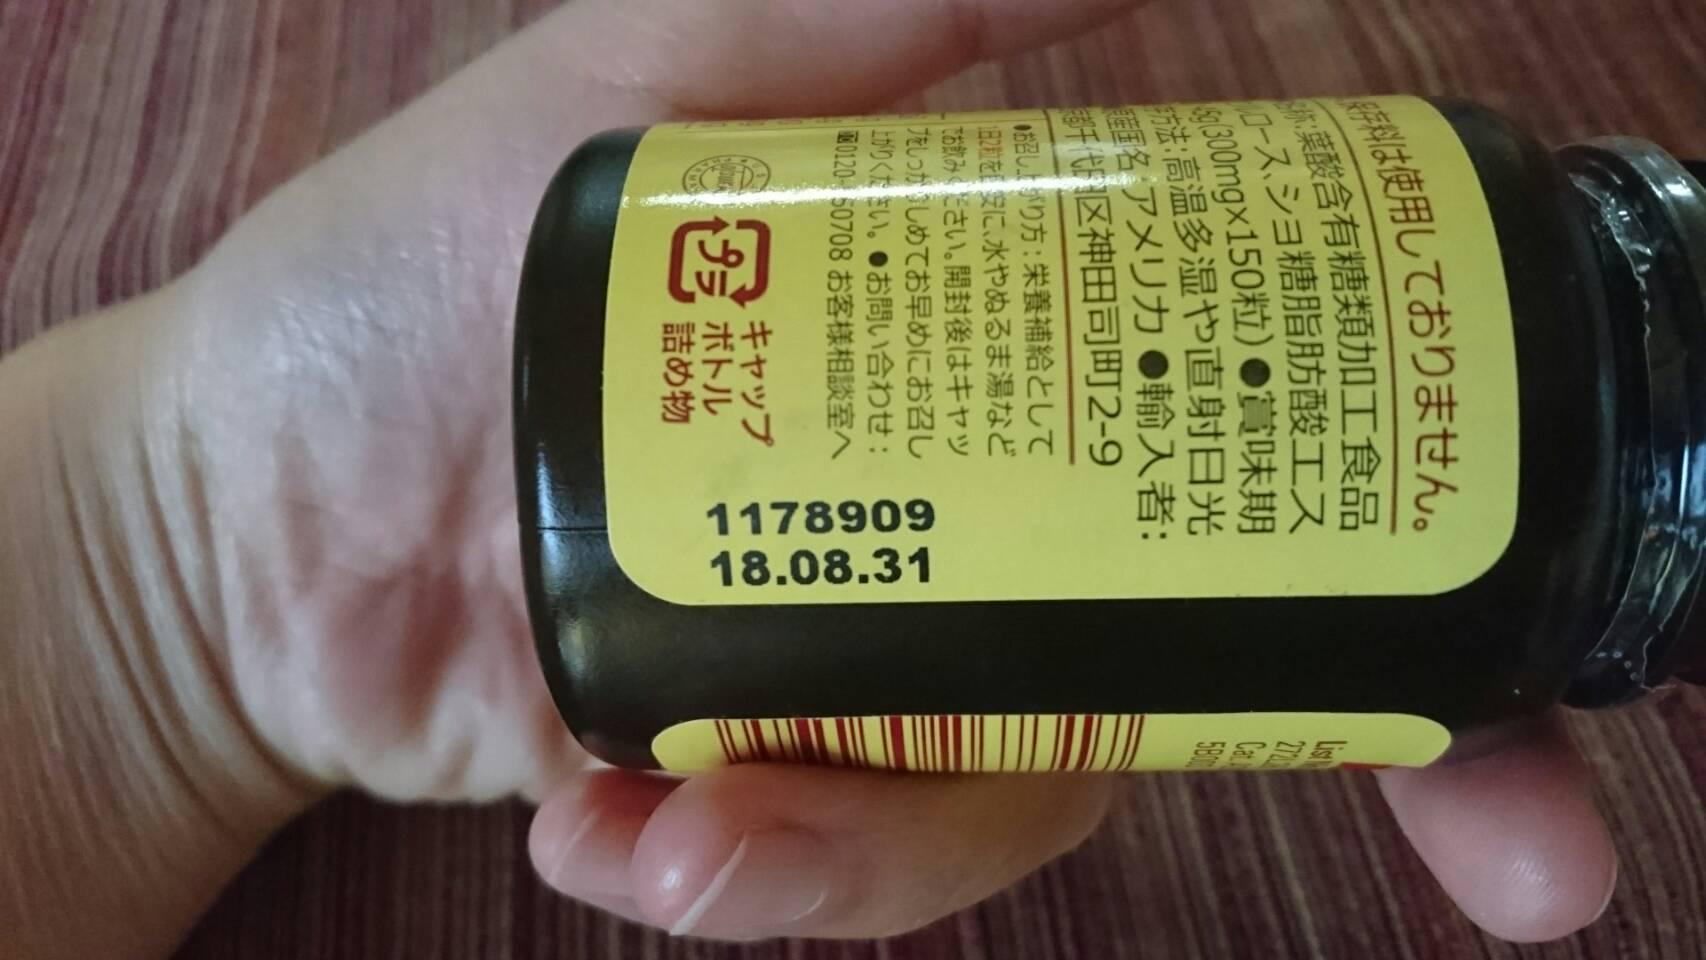 ネイチャーメイドの葉酸サプリの消費期限